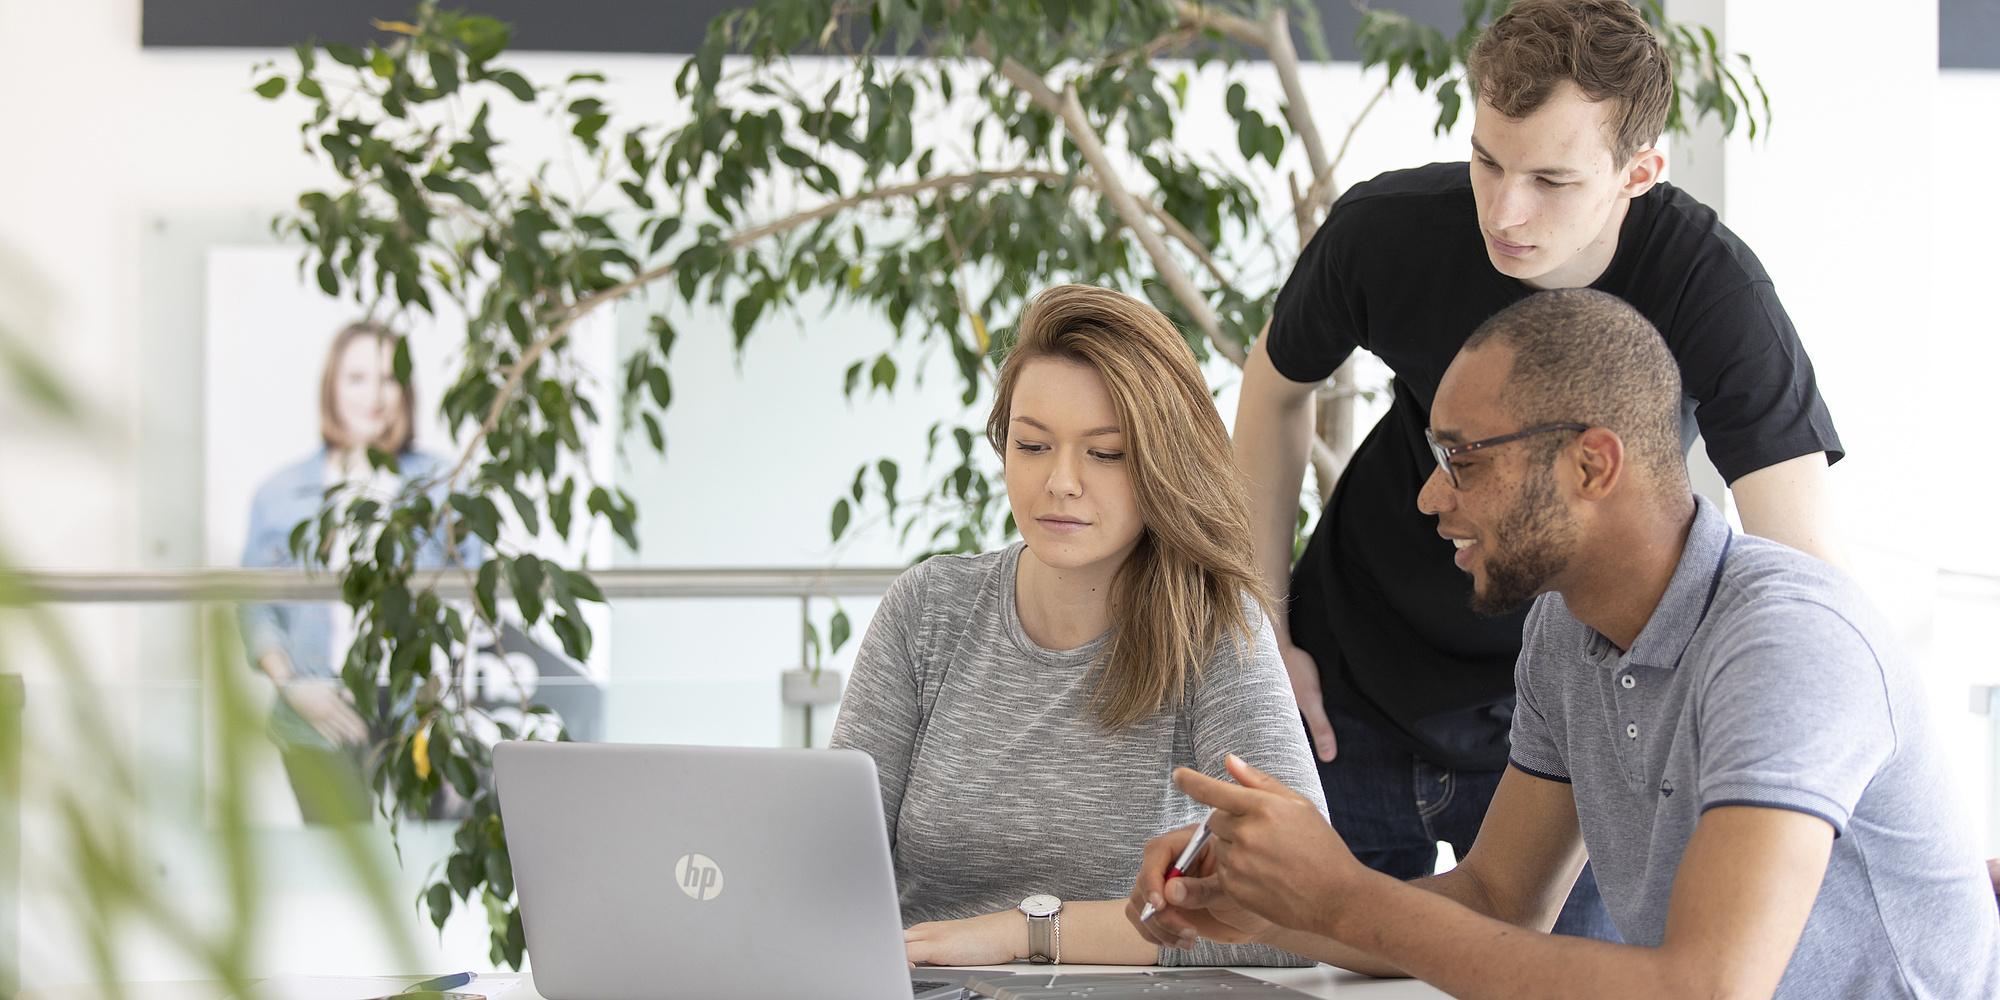 Zwei Studierende sitzen mit einem Notebook an einem Tisch. Dahinter steht ein Student und blickt auf den Bildschirm.